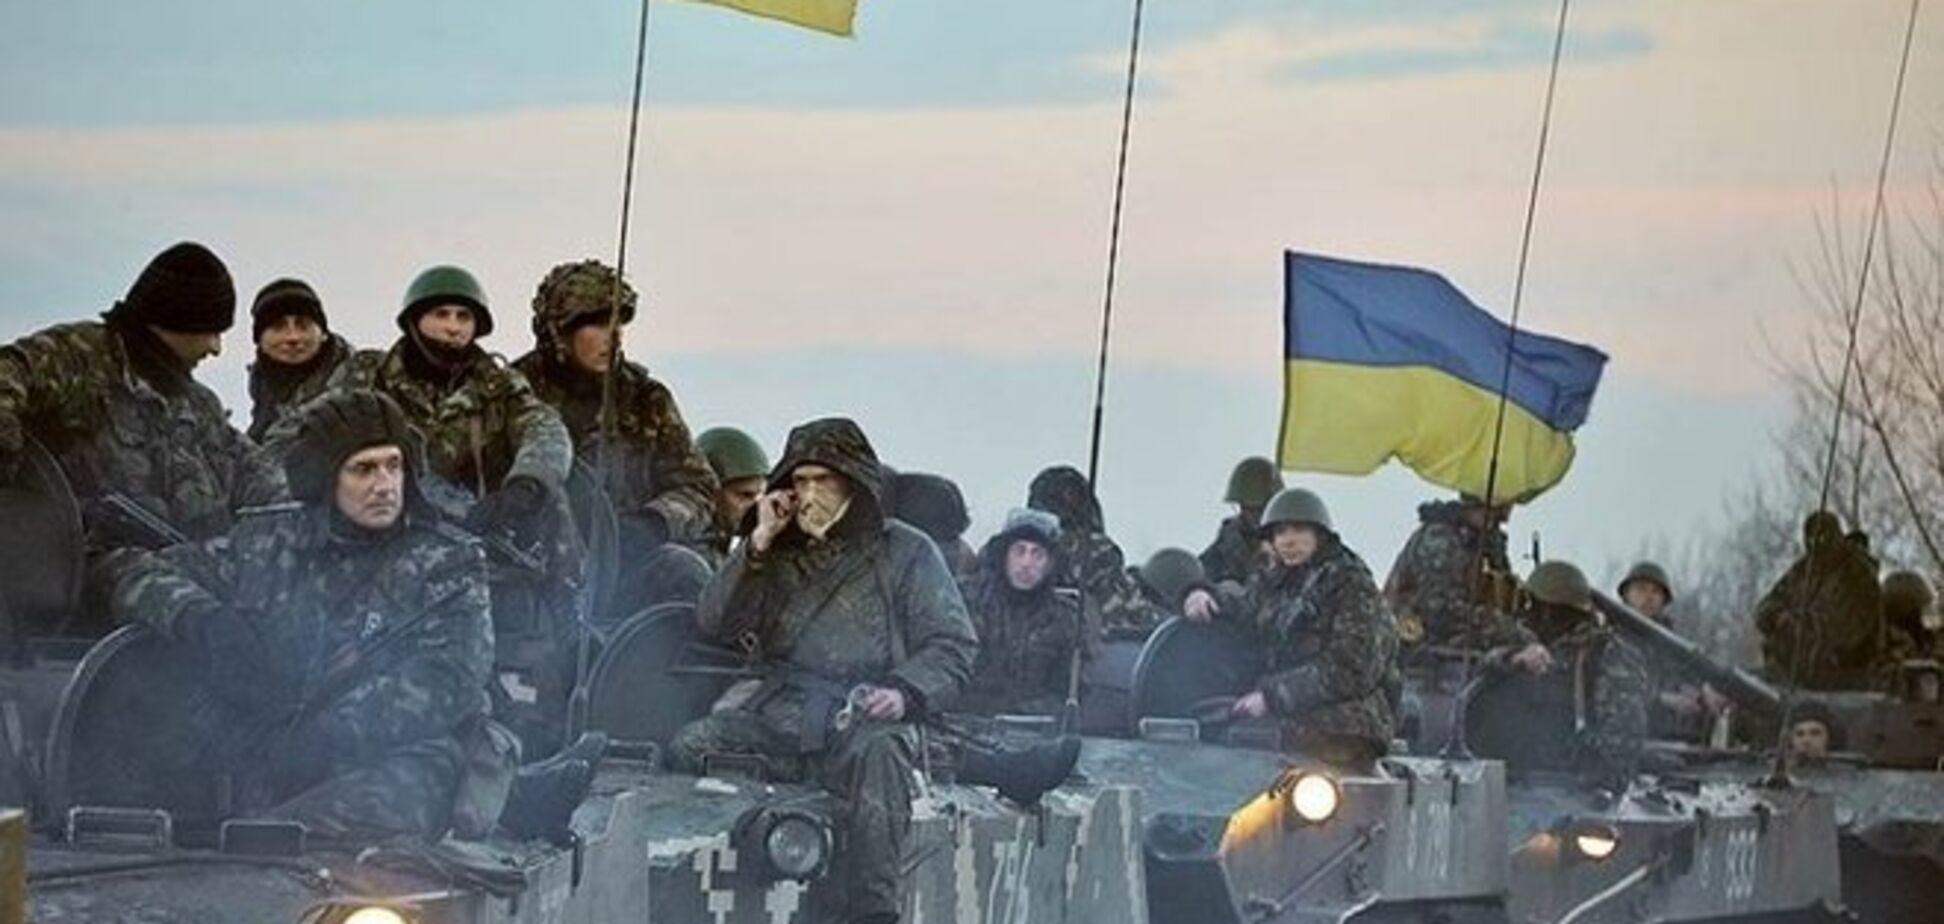 Бойцам 32 блокпоста удалось выйти из окружения боевиков и забрать технику: они уже под Изюмом